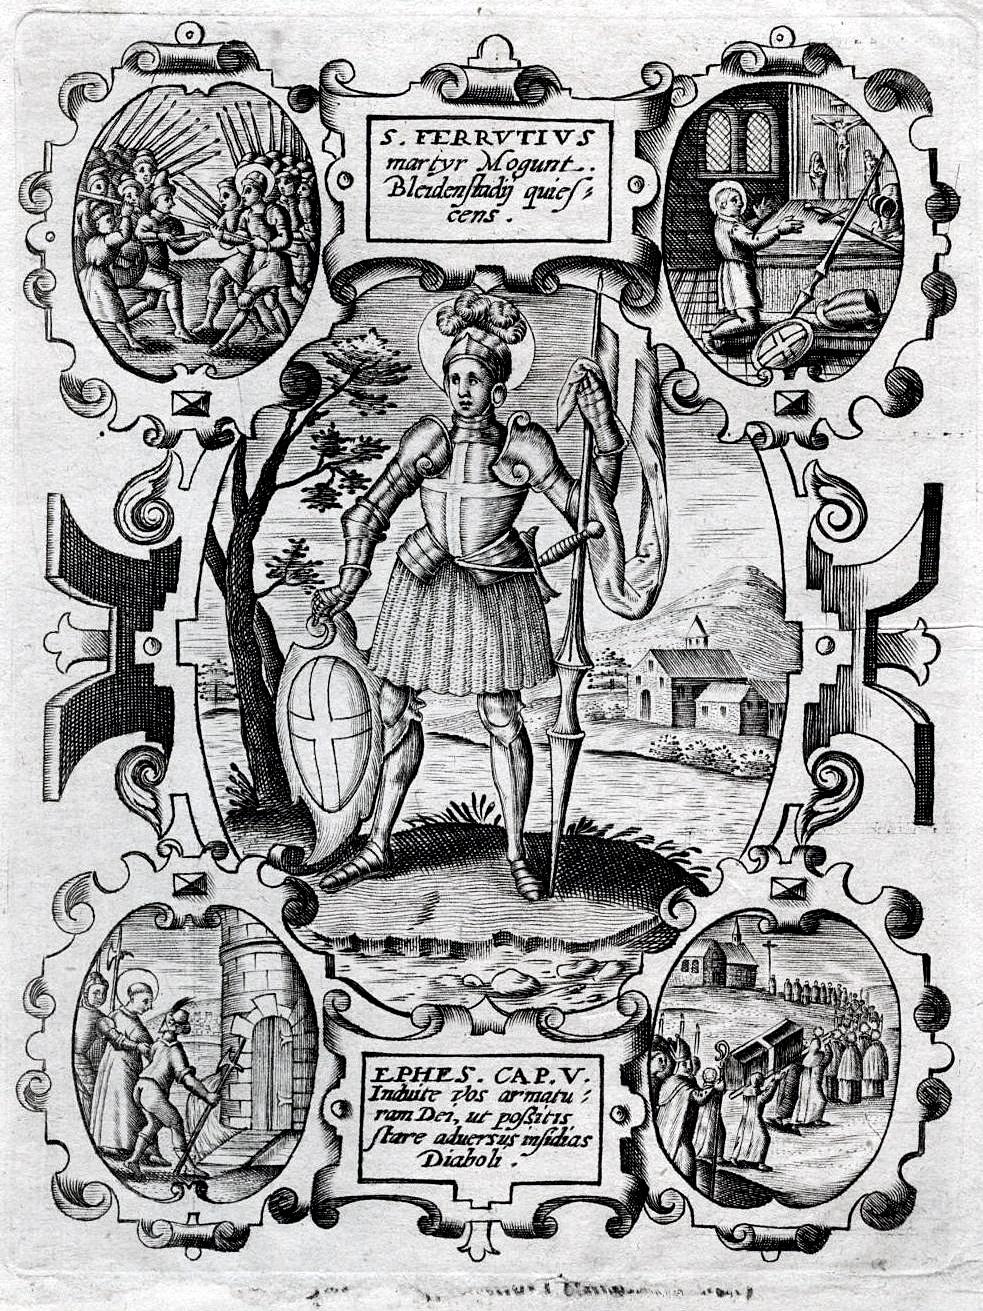 Stikk av St. Ferrutius og hans Vita (ca 1700)